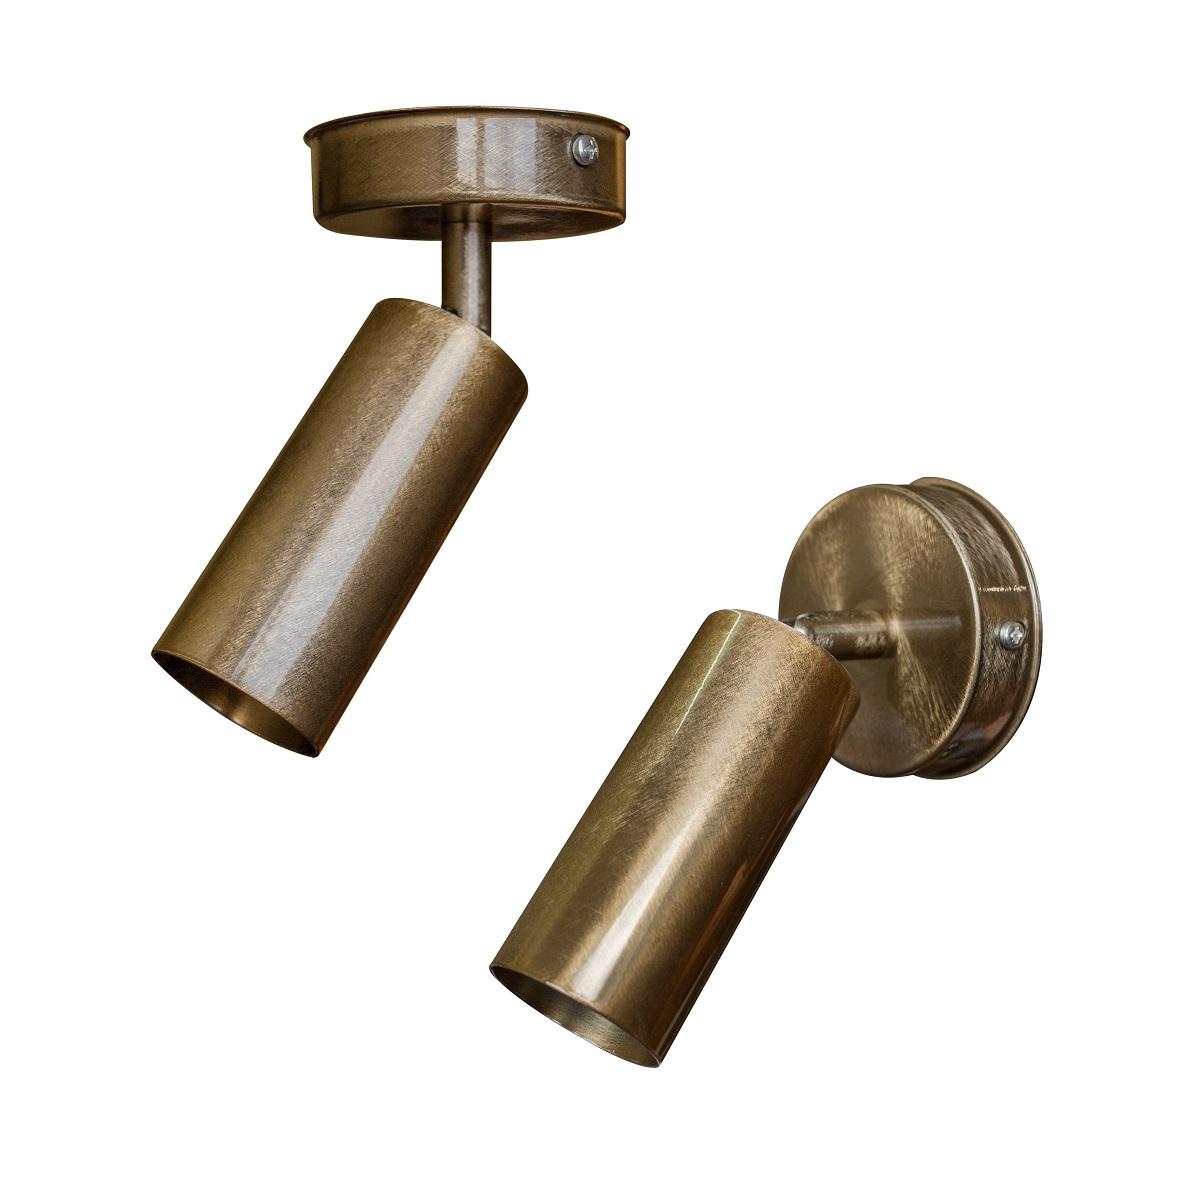 Світильники ЛОФТ - Люстра лофт потолочная с поворотным плафоном 000002760 - Фото 1